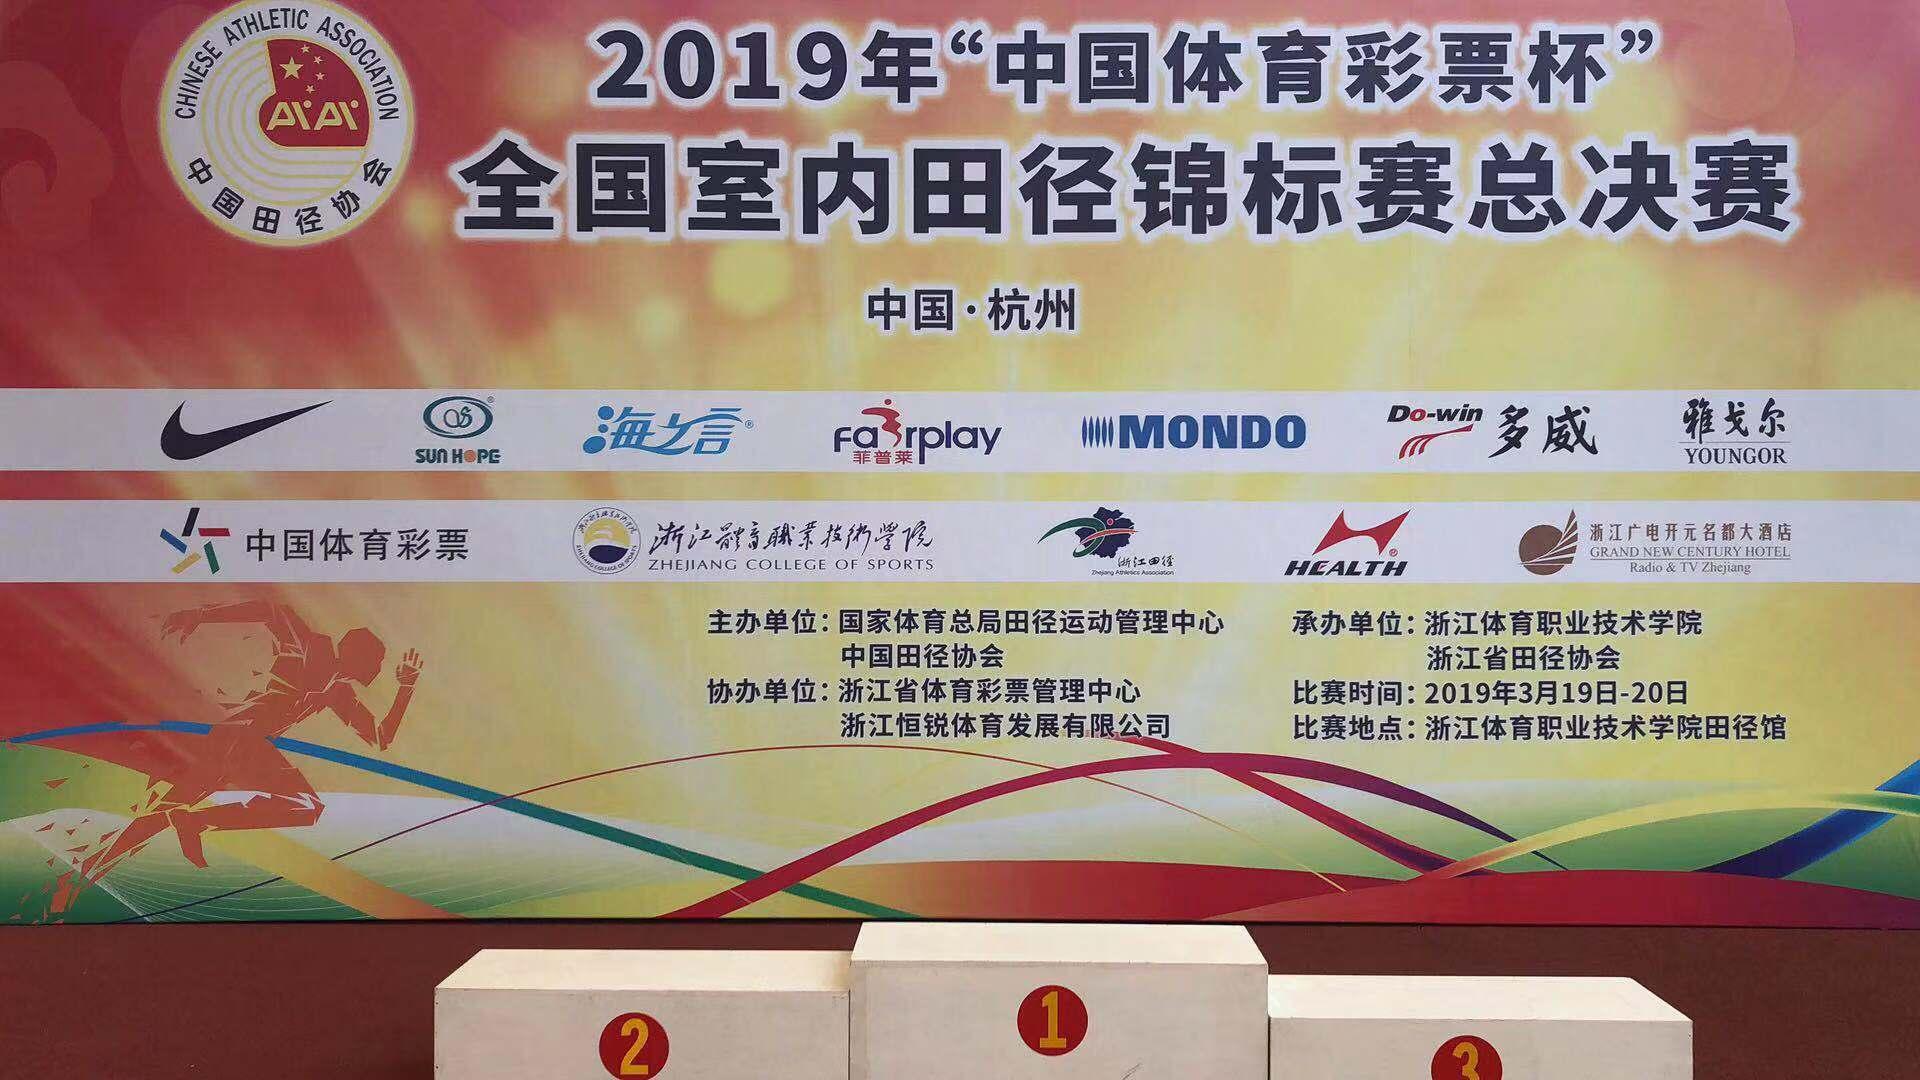 """2019年""""中国体育彩票杯""""全国室内田径锦标赛总决赛"""